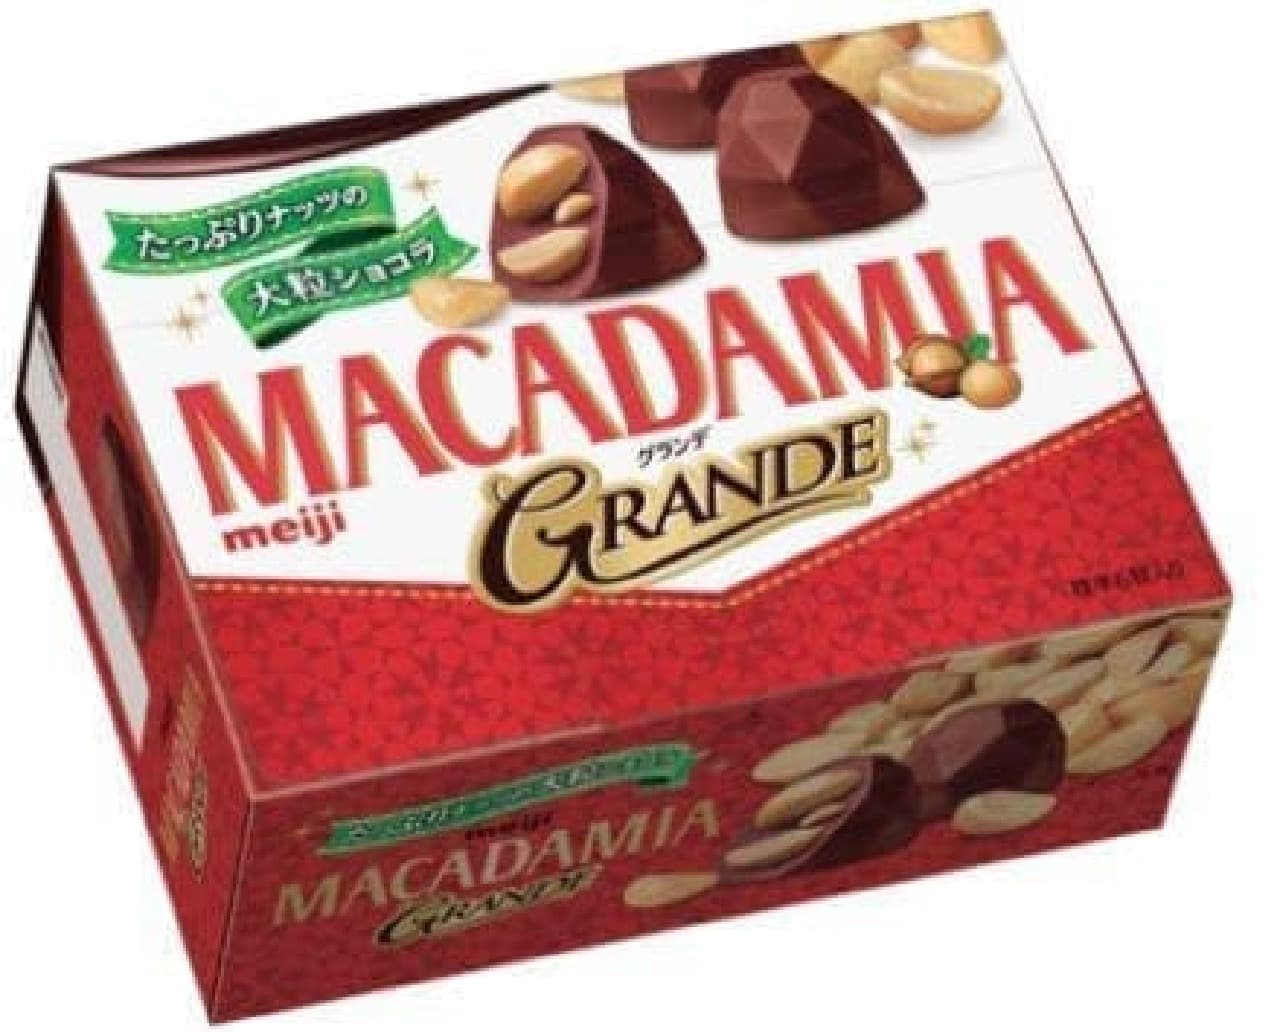 明治「マカダミアグランデ」